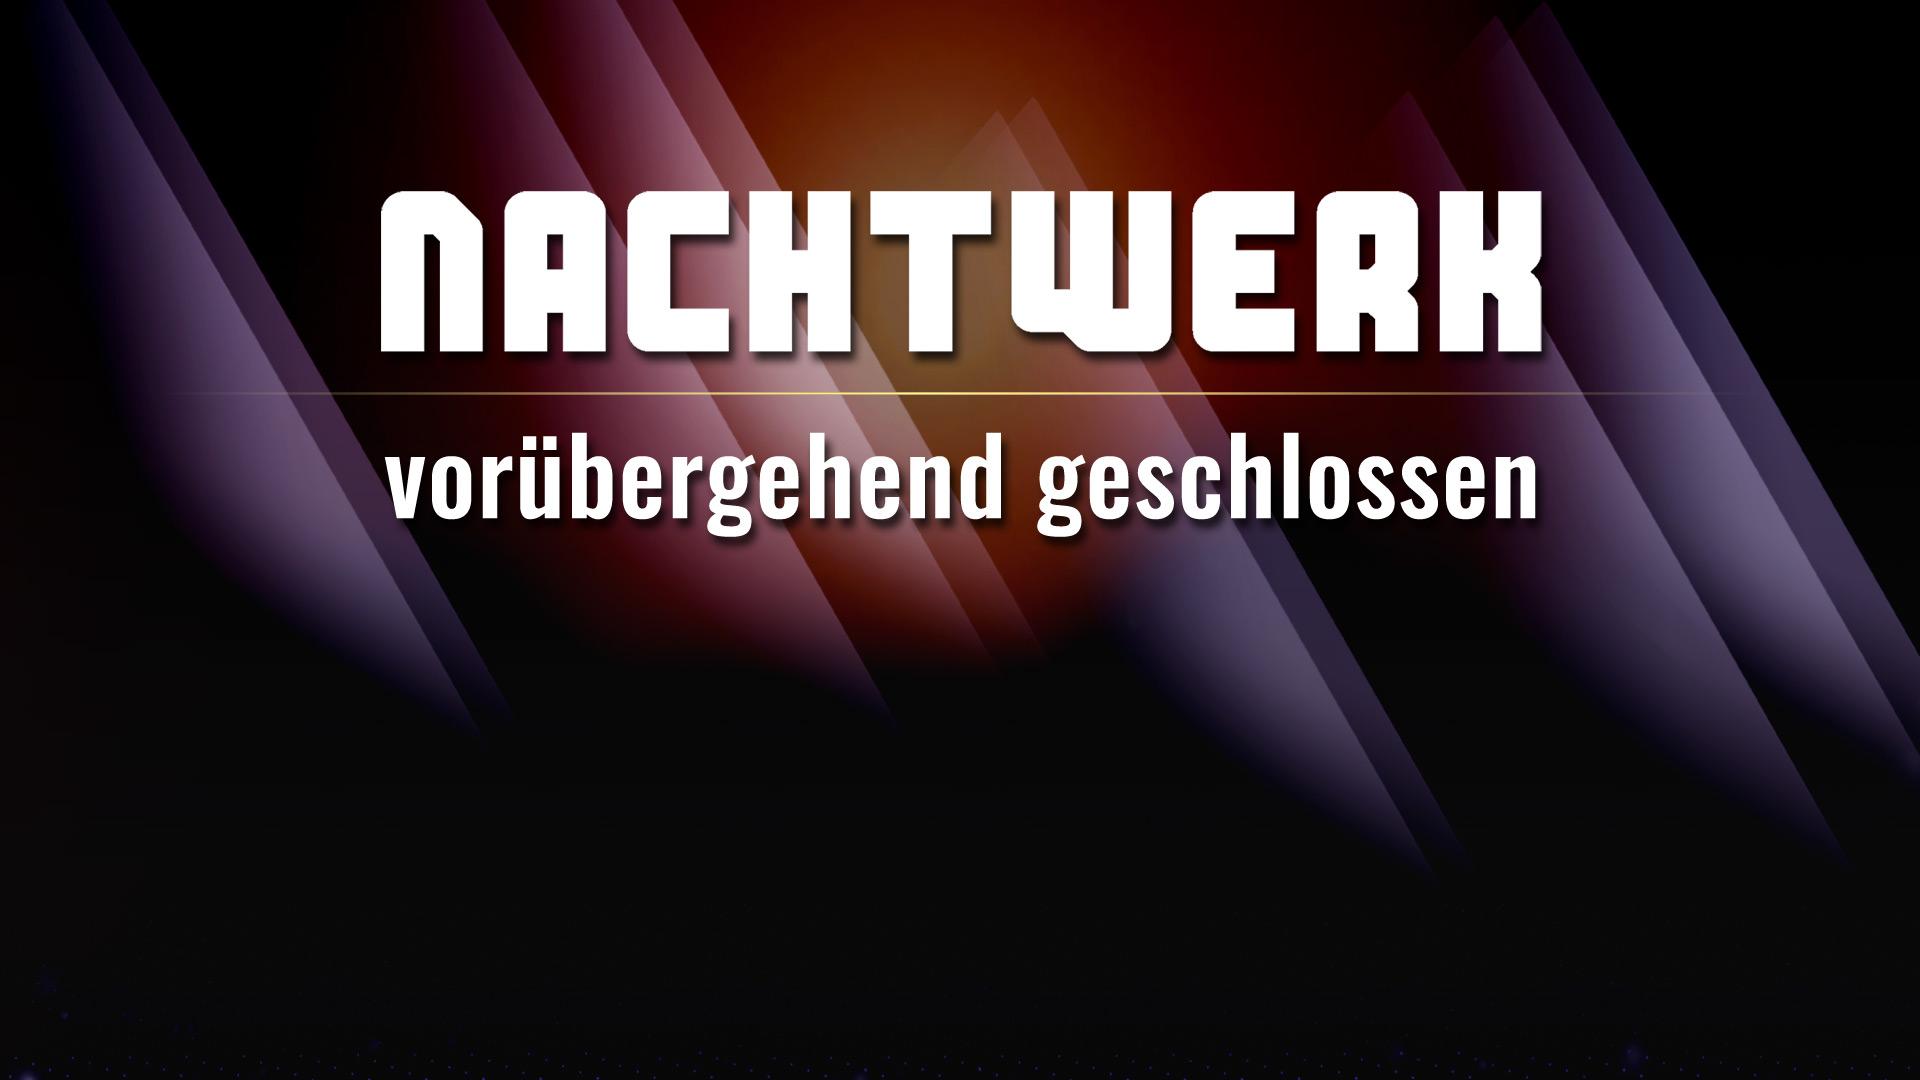 Das Nachtwerk Karlsruhe ist vorrübergehend geschlossen.